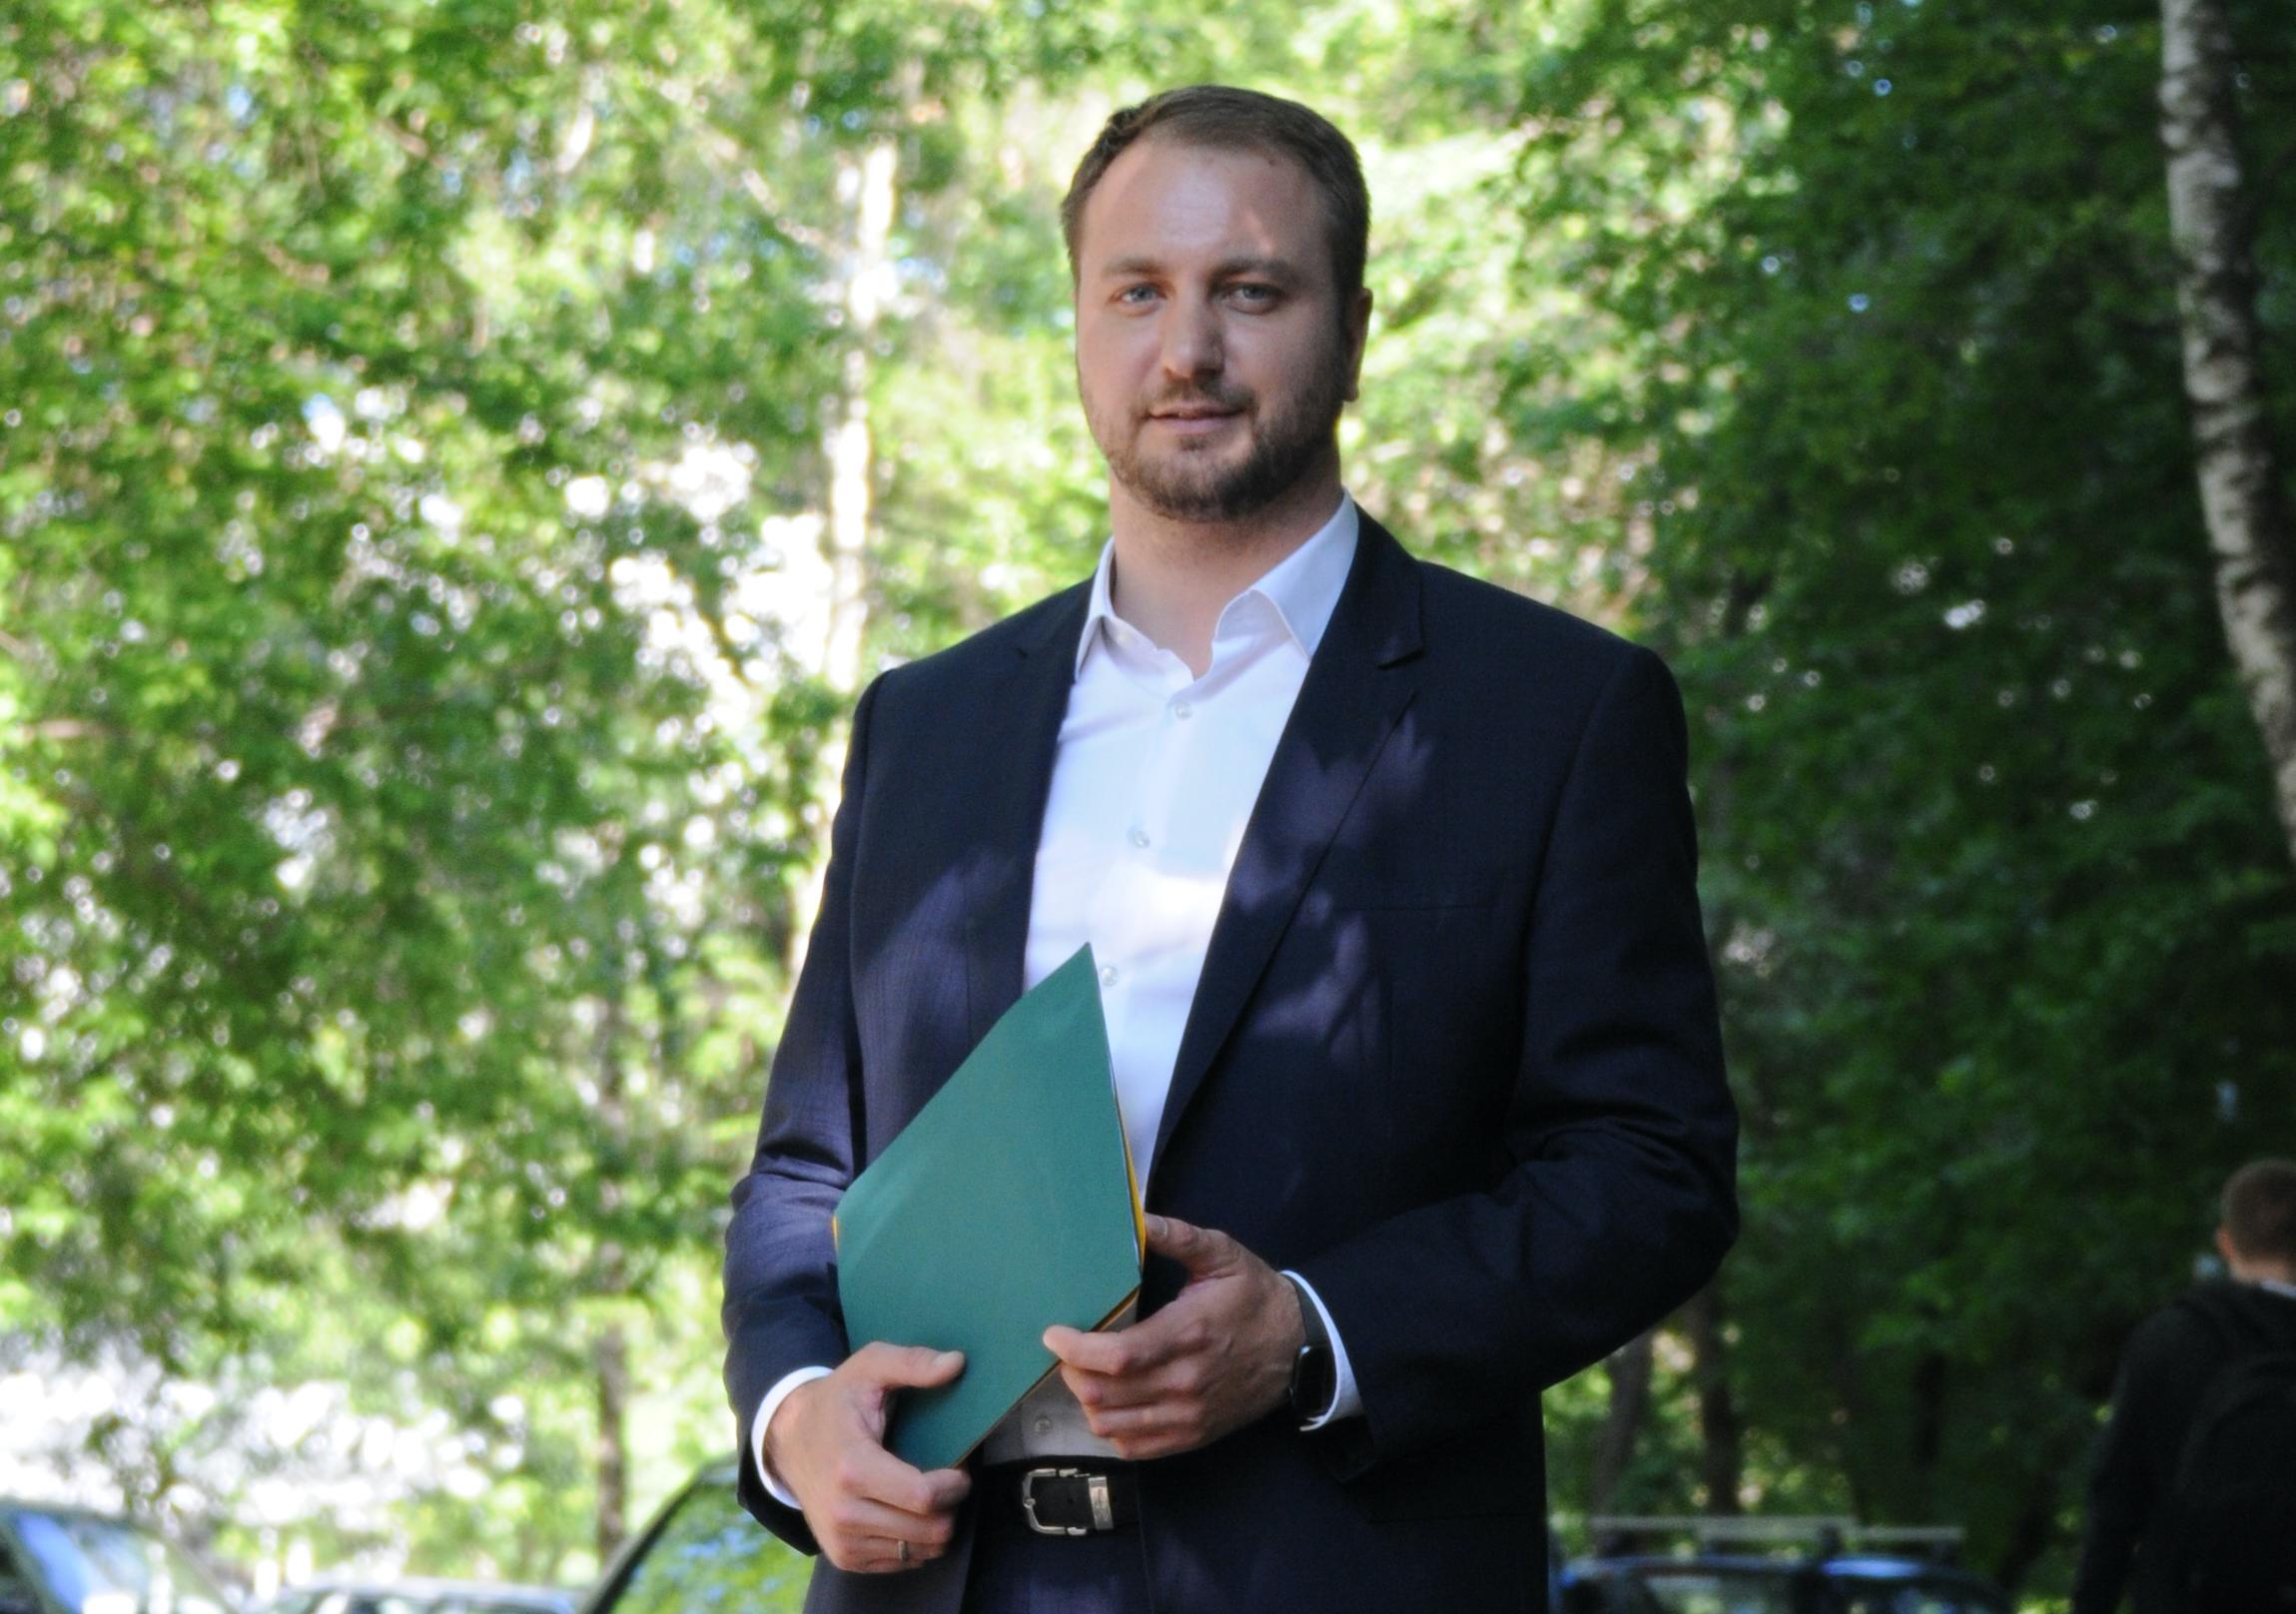 Депутат МГД Кирилл Щитов оценил предложения об оборудовании автомобилей алкозамками